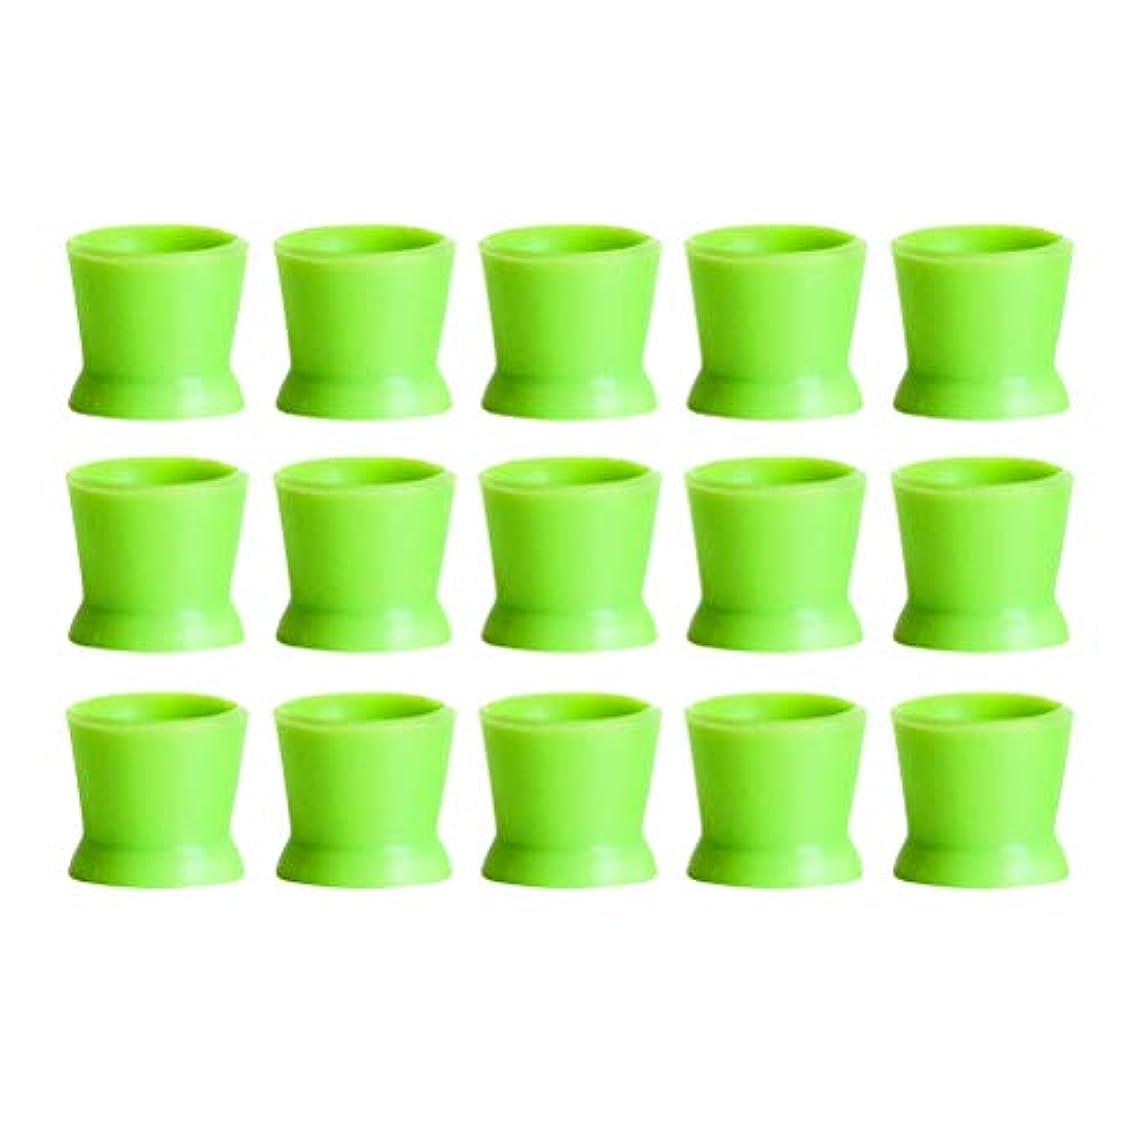 サリー命令カビHealifty 300PCSシリコンタトゥーインクカップ使い捨てマイクロブレーディングピグメントキャップホルダーコンテナ永久的なまつげメイクアップアイブロー(グリーン)